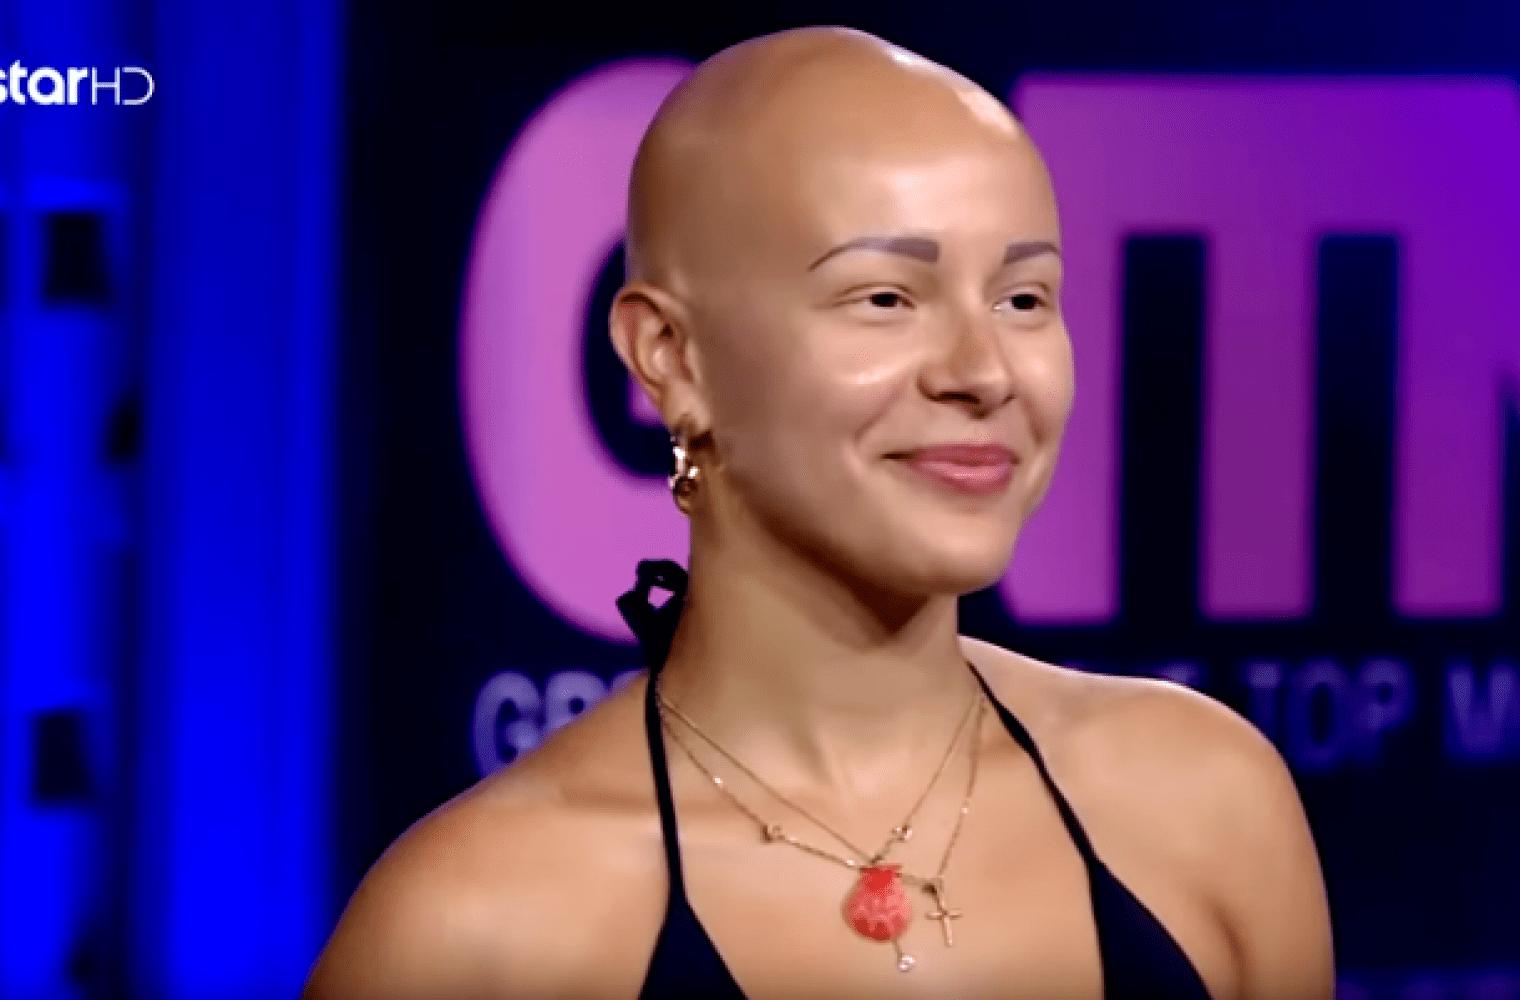 1000 μπράβο τους: Αξίζει χειροκρότημα αυτό που συνέβη στο makeover του GNTM με τη Λυδία